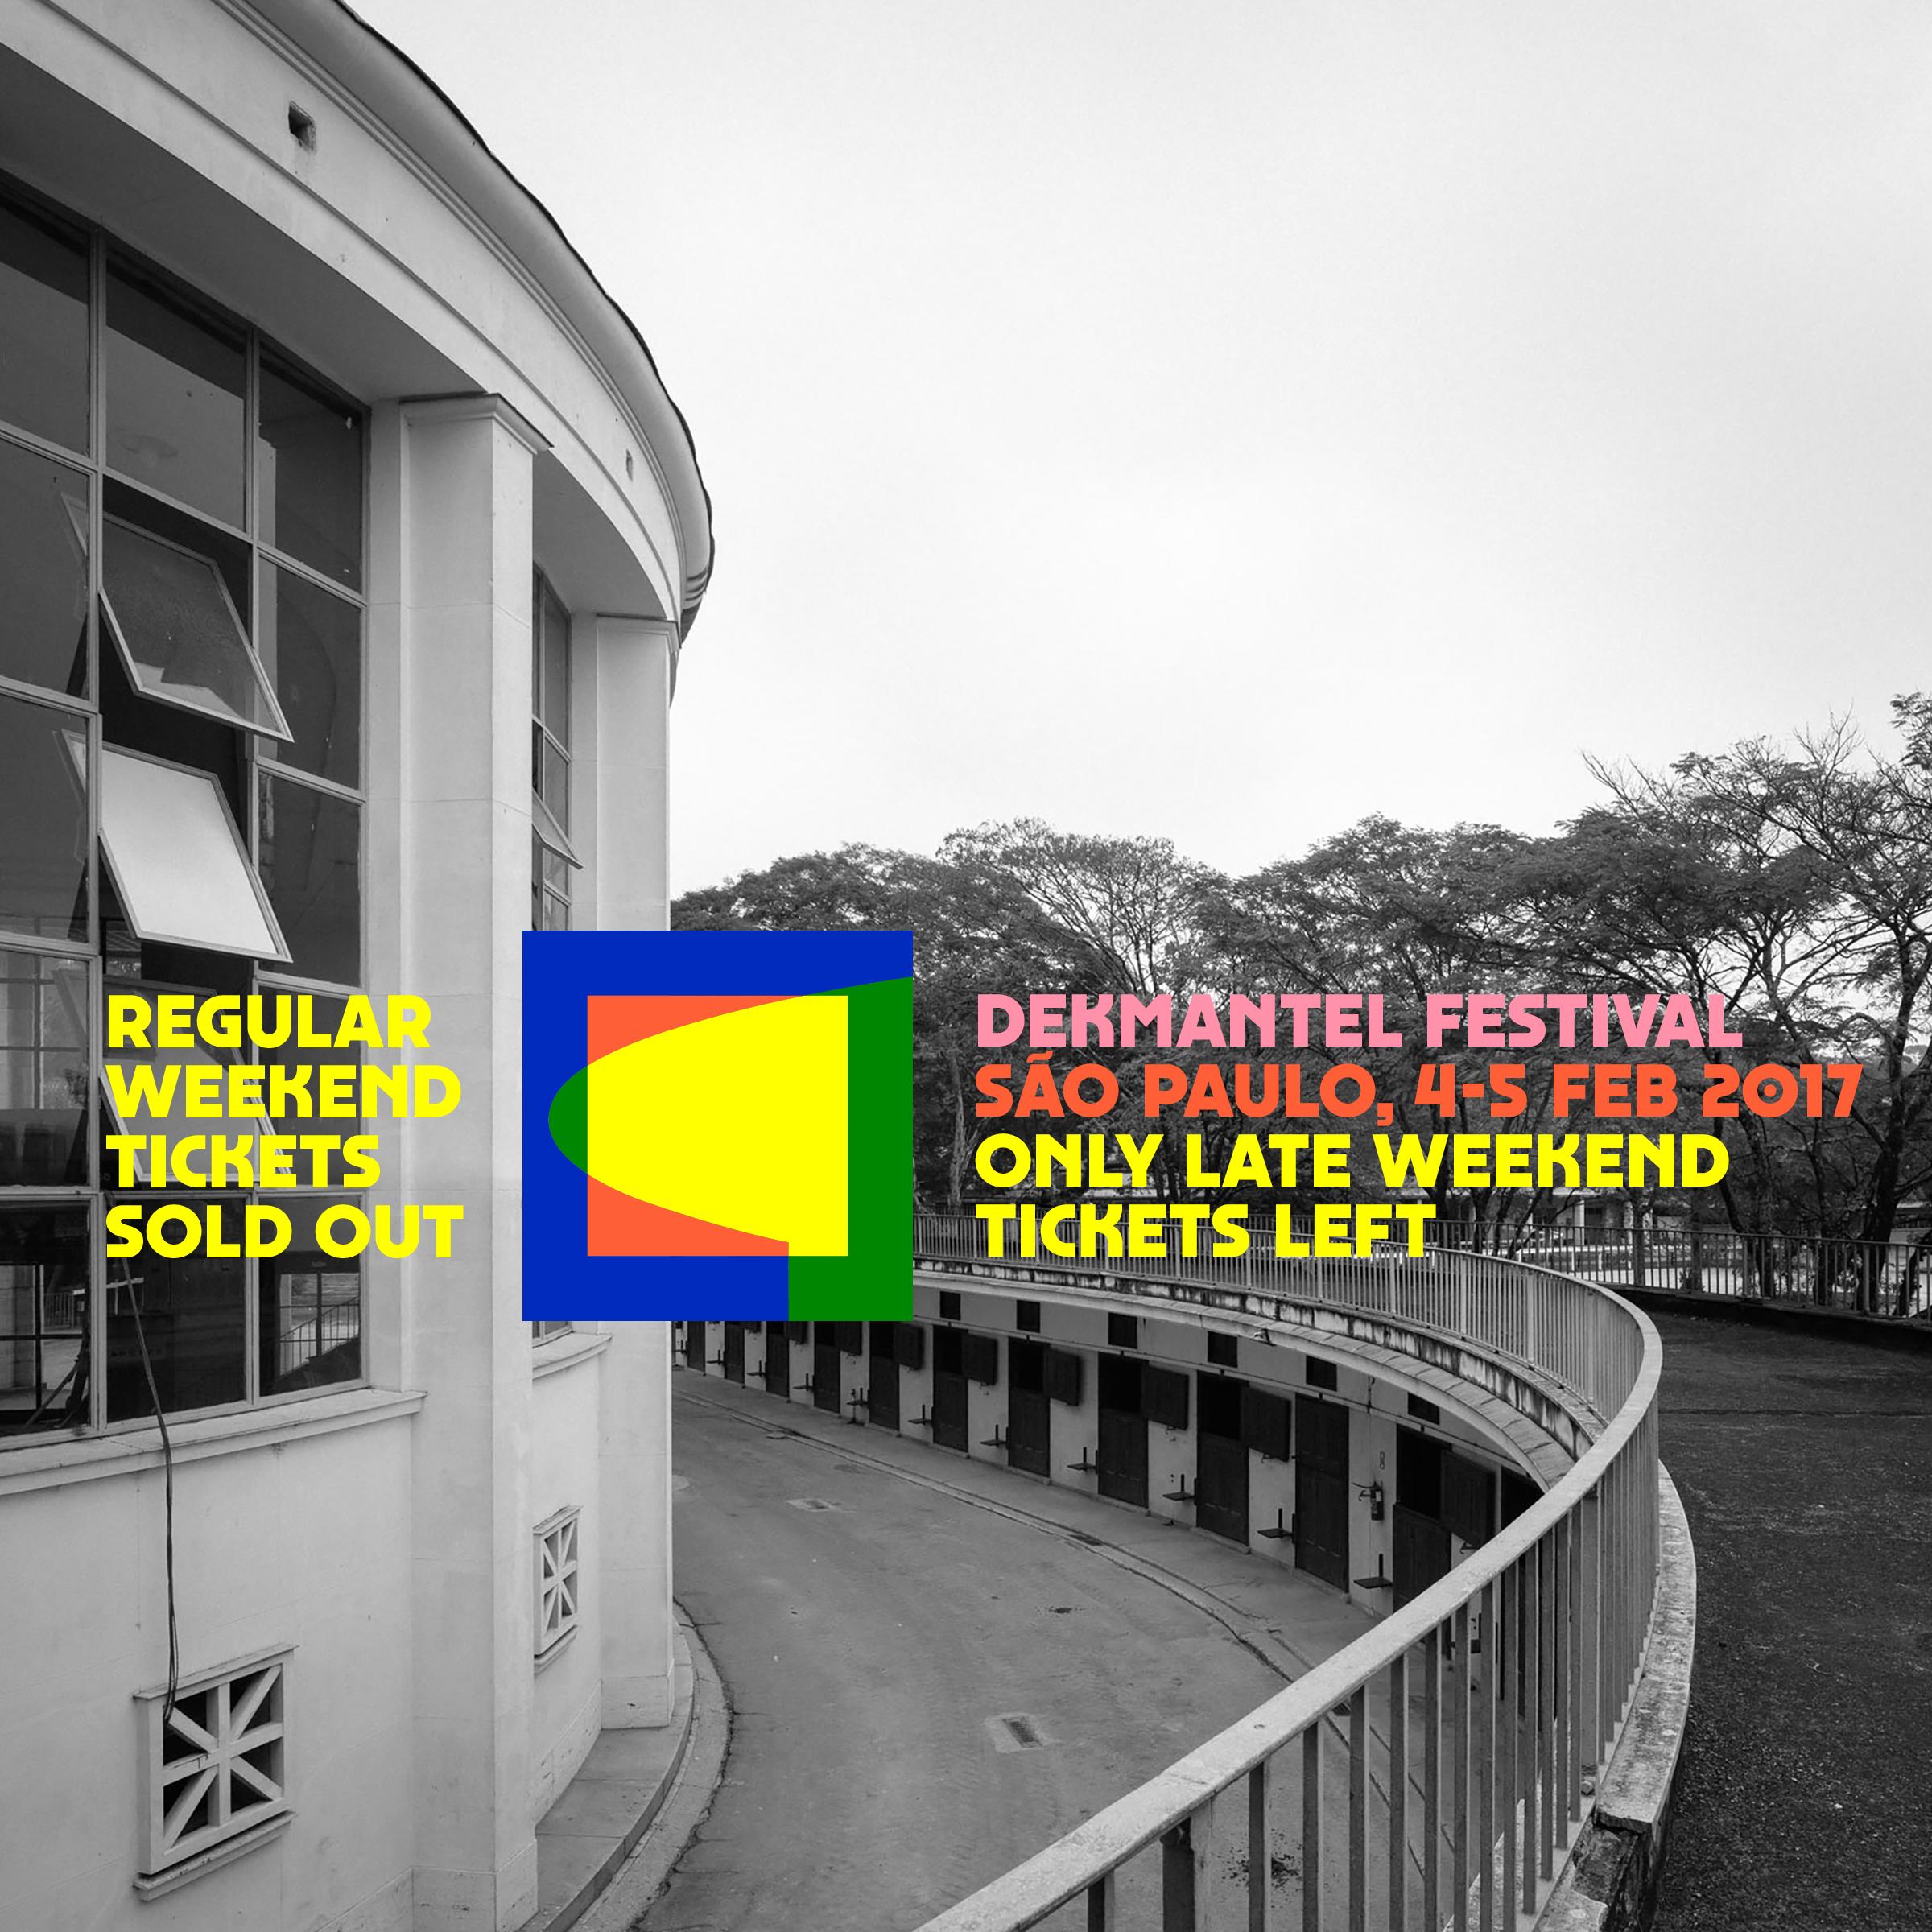 studio_colorado-dekmantel_sao_paulo17-building